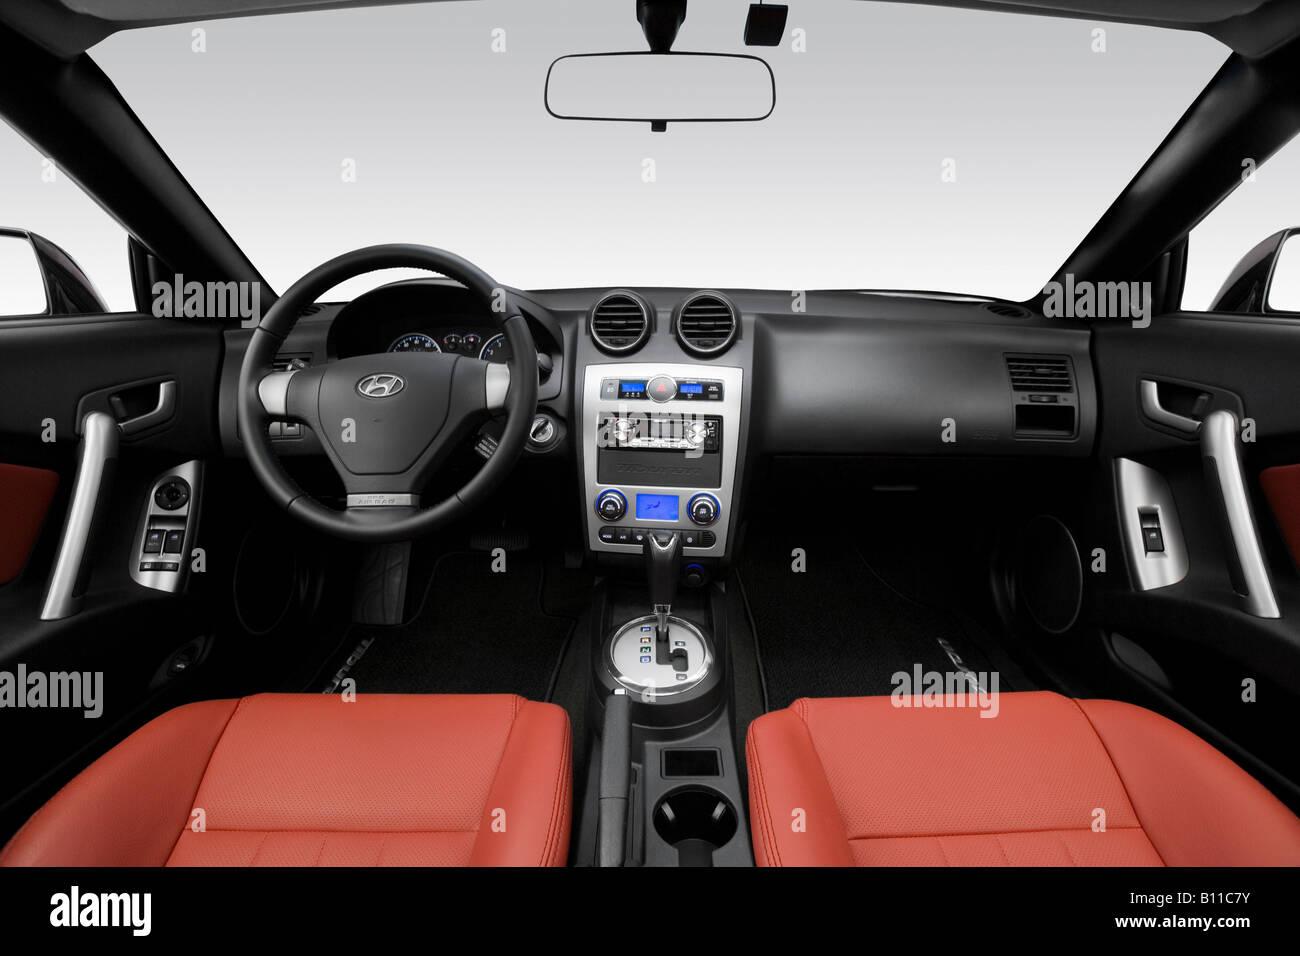 2008 Hyundai Tiburon GT Limitada Em Preto   Painel De Bordo, Consola  Central, Vista De Mudança De Marchas